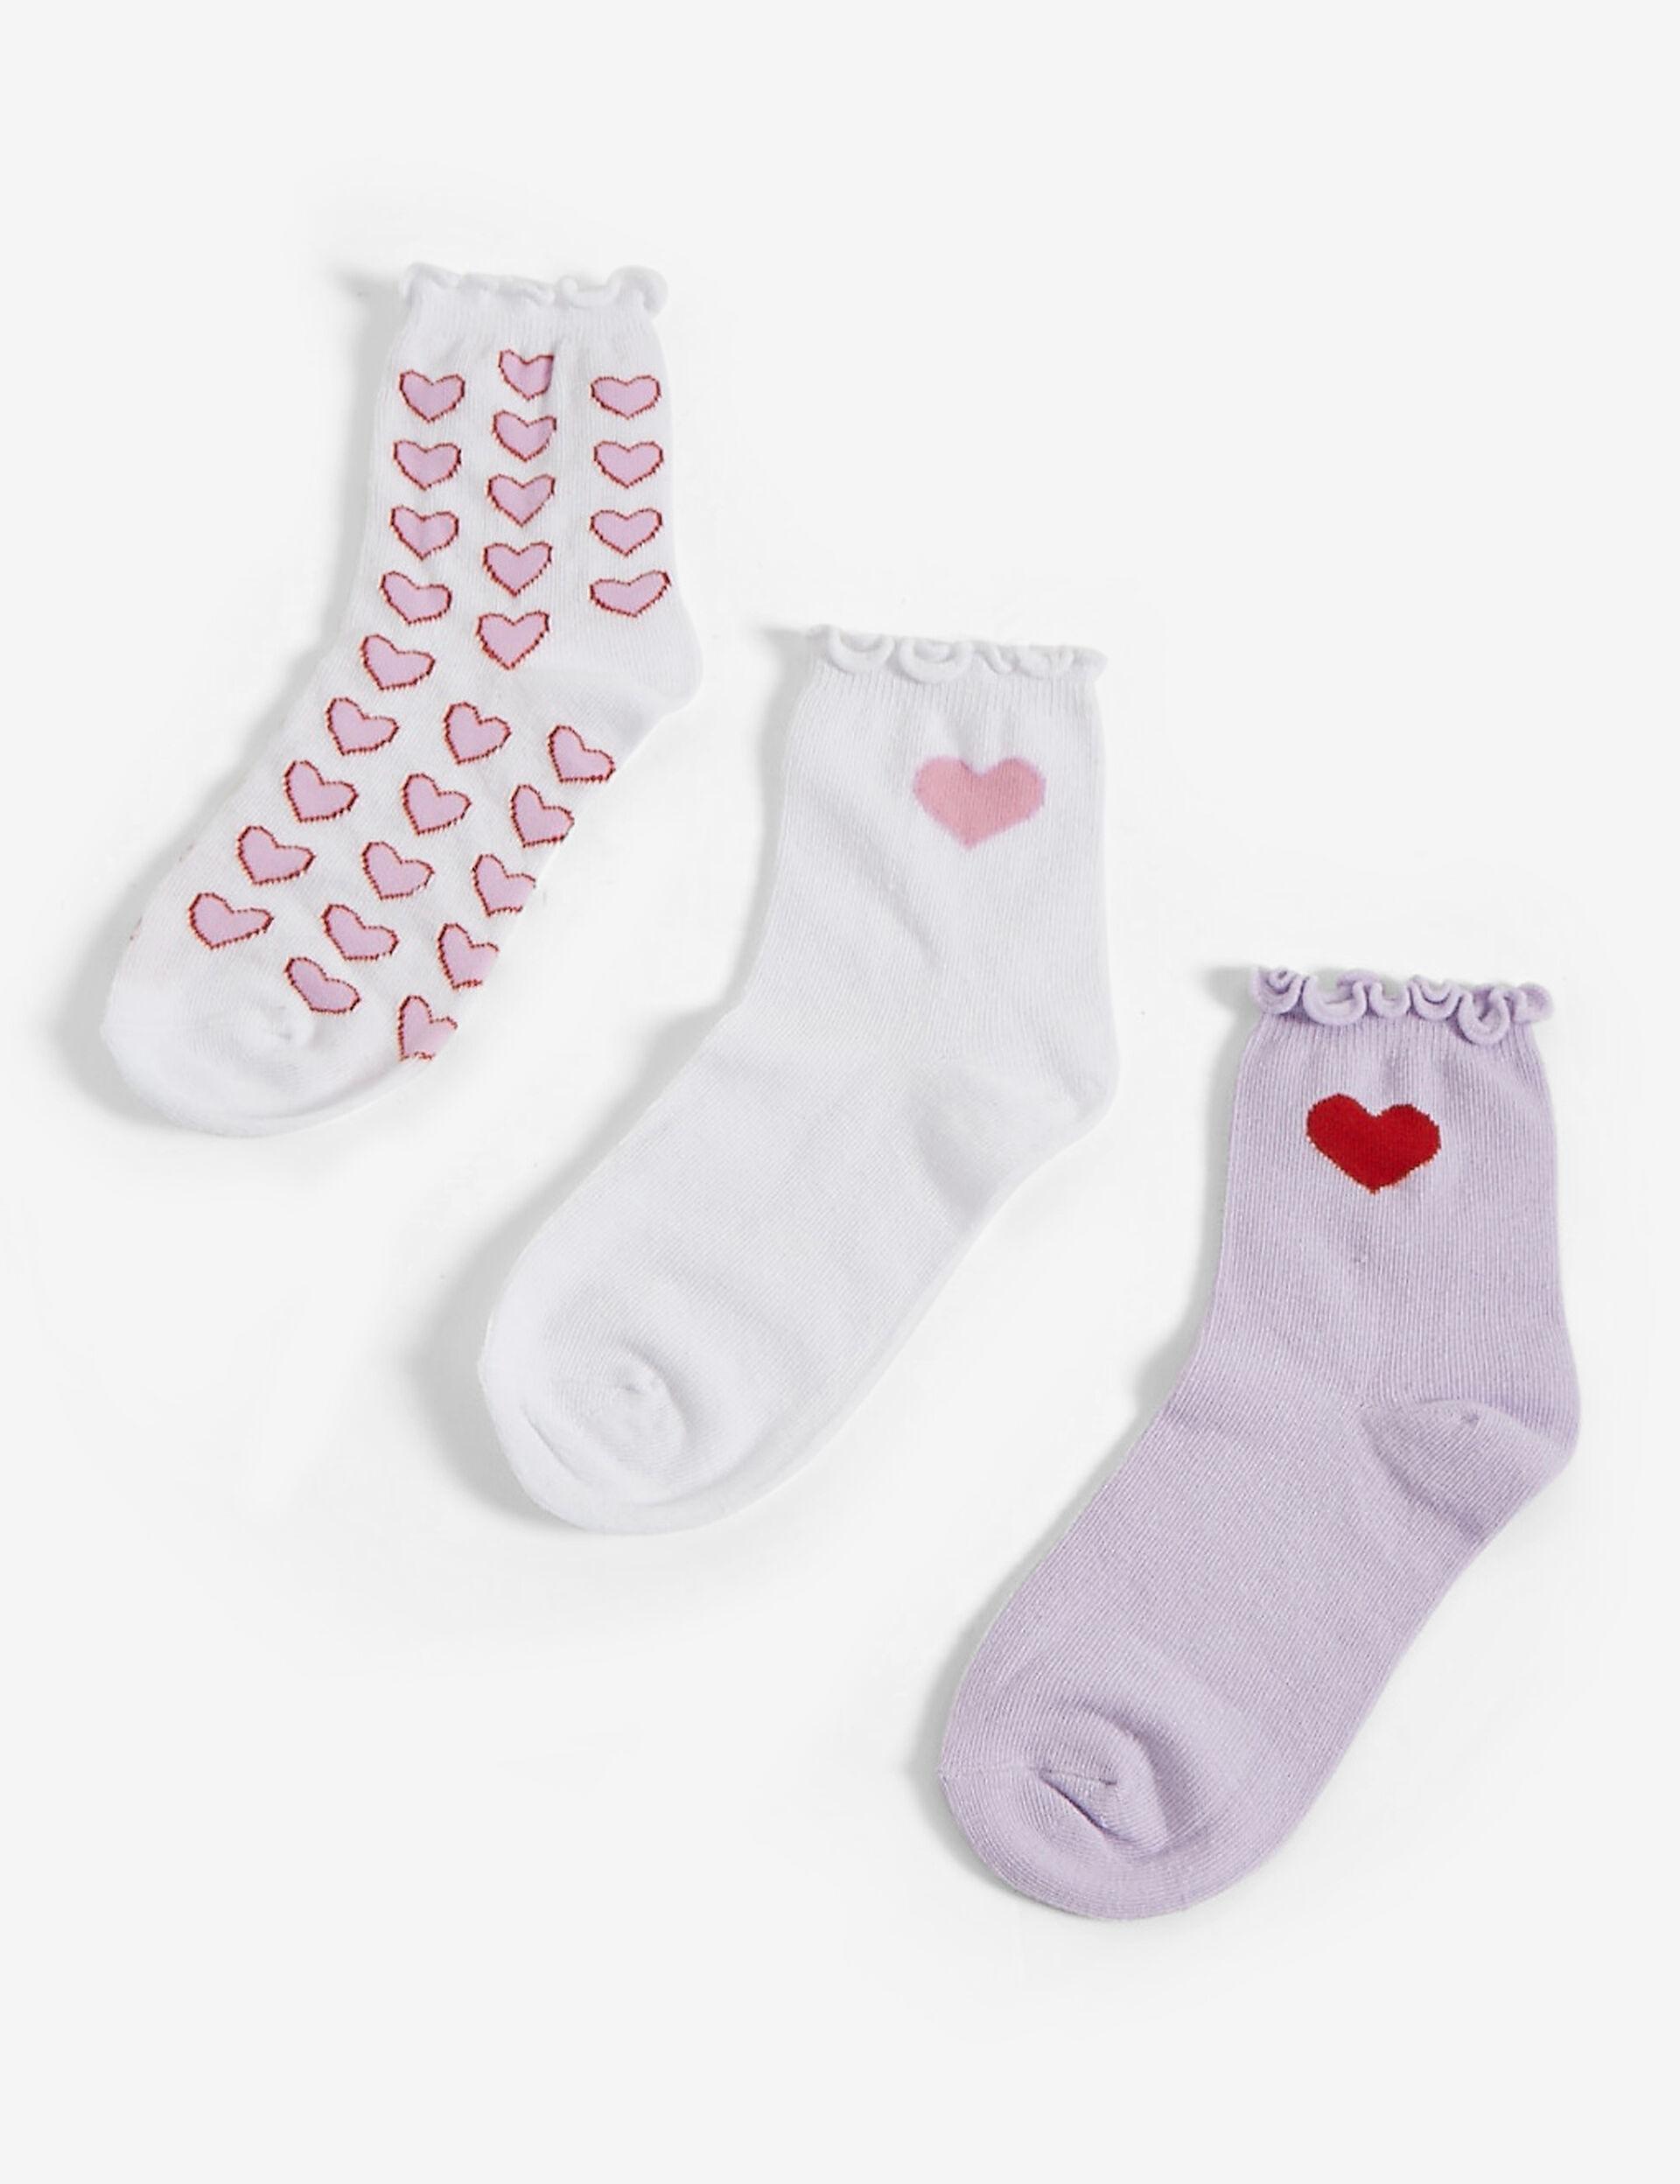 Frill socks